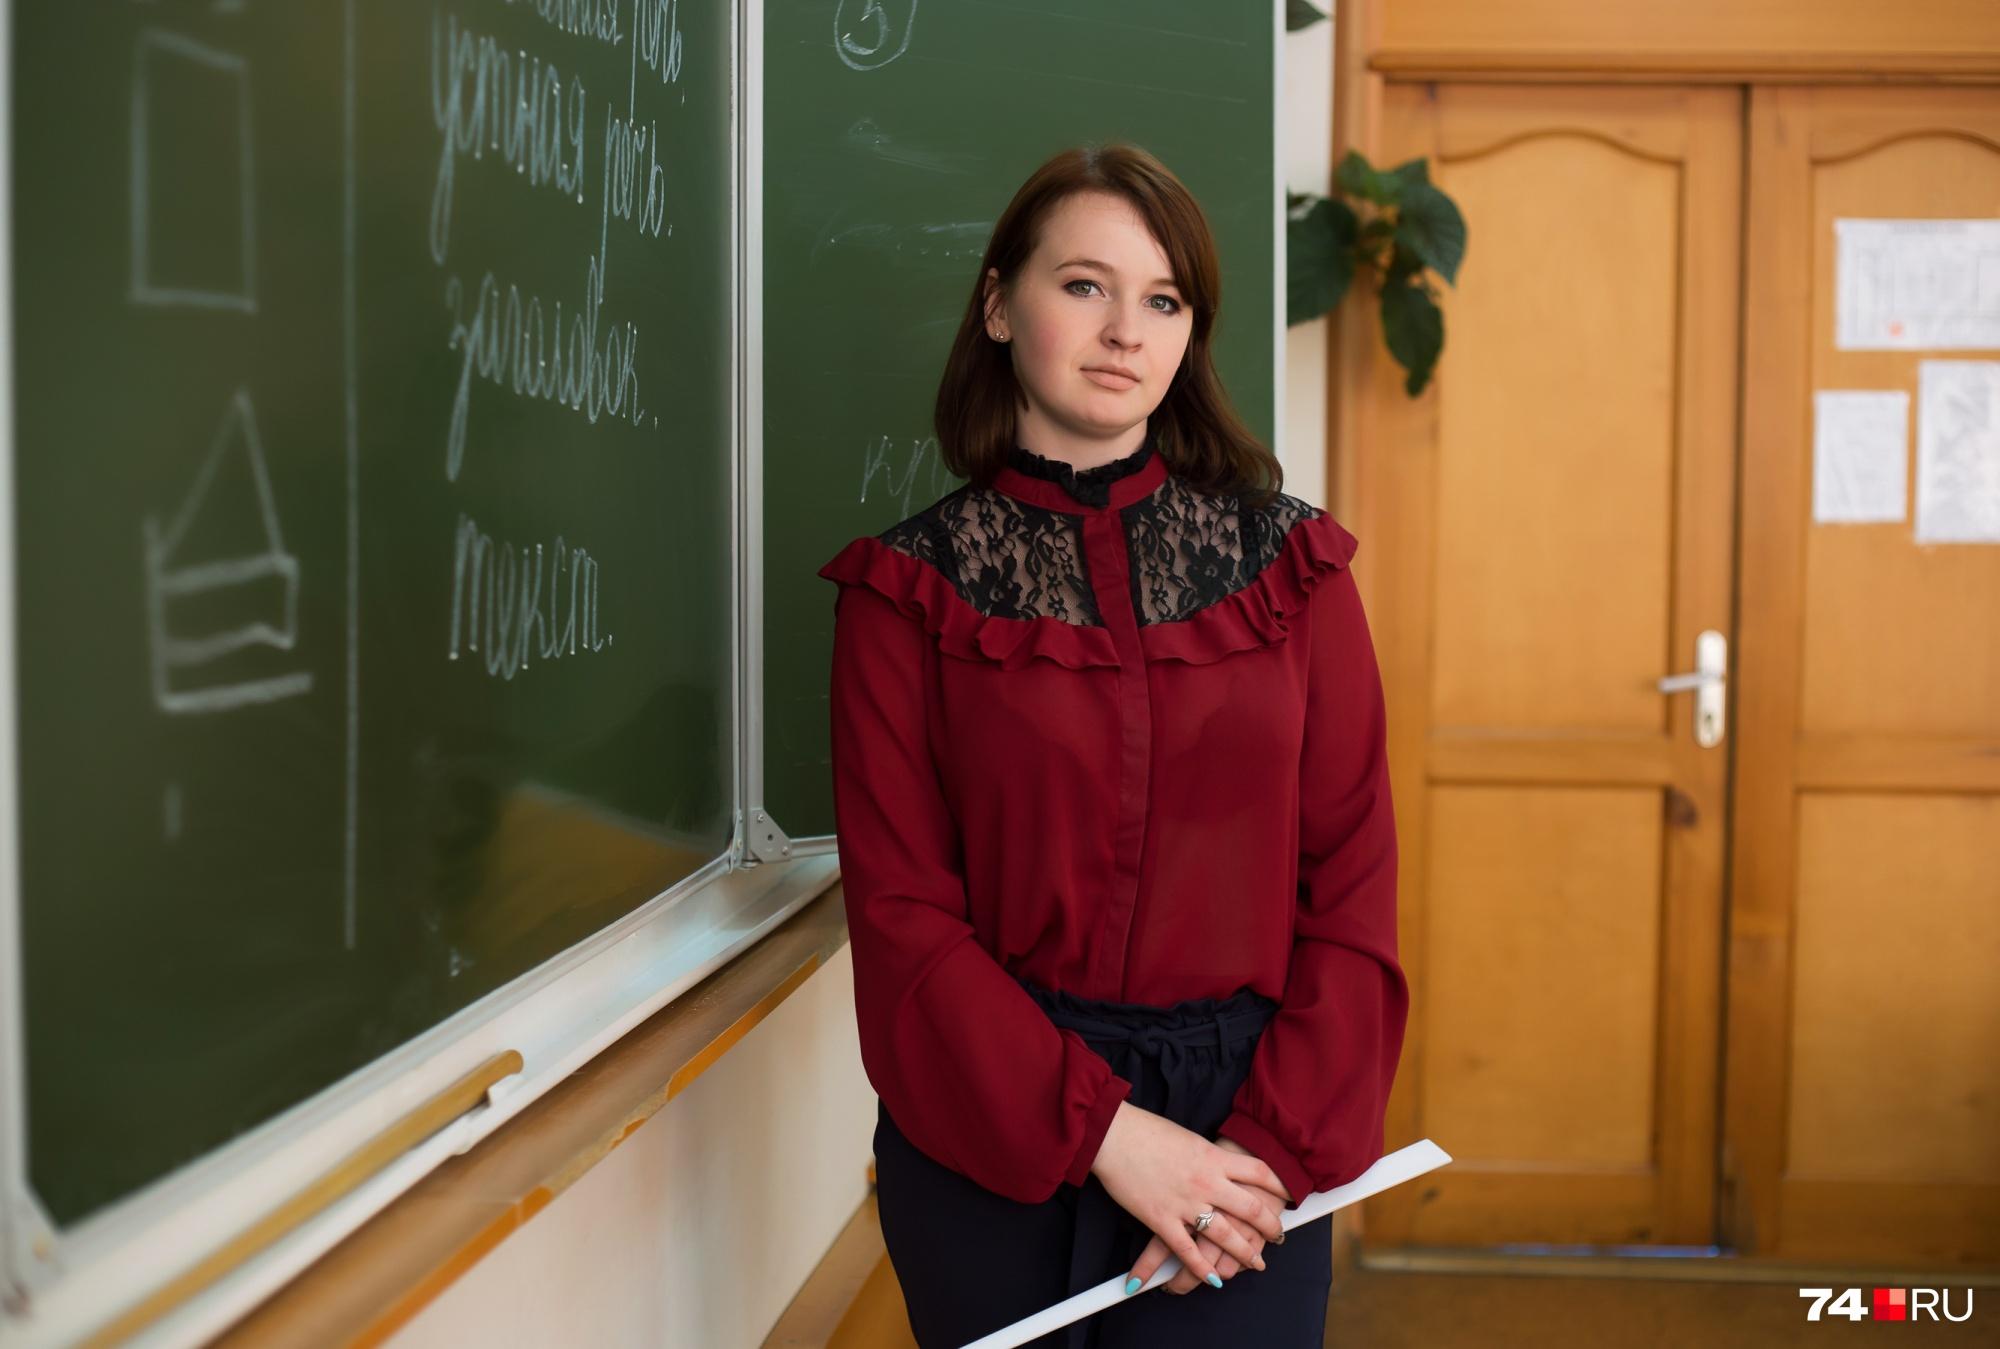 Училку у доски, Порно видео с русскими училками: голые женщины 22 фотография